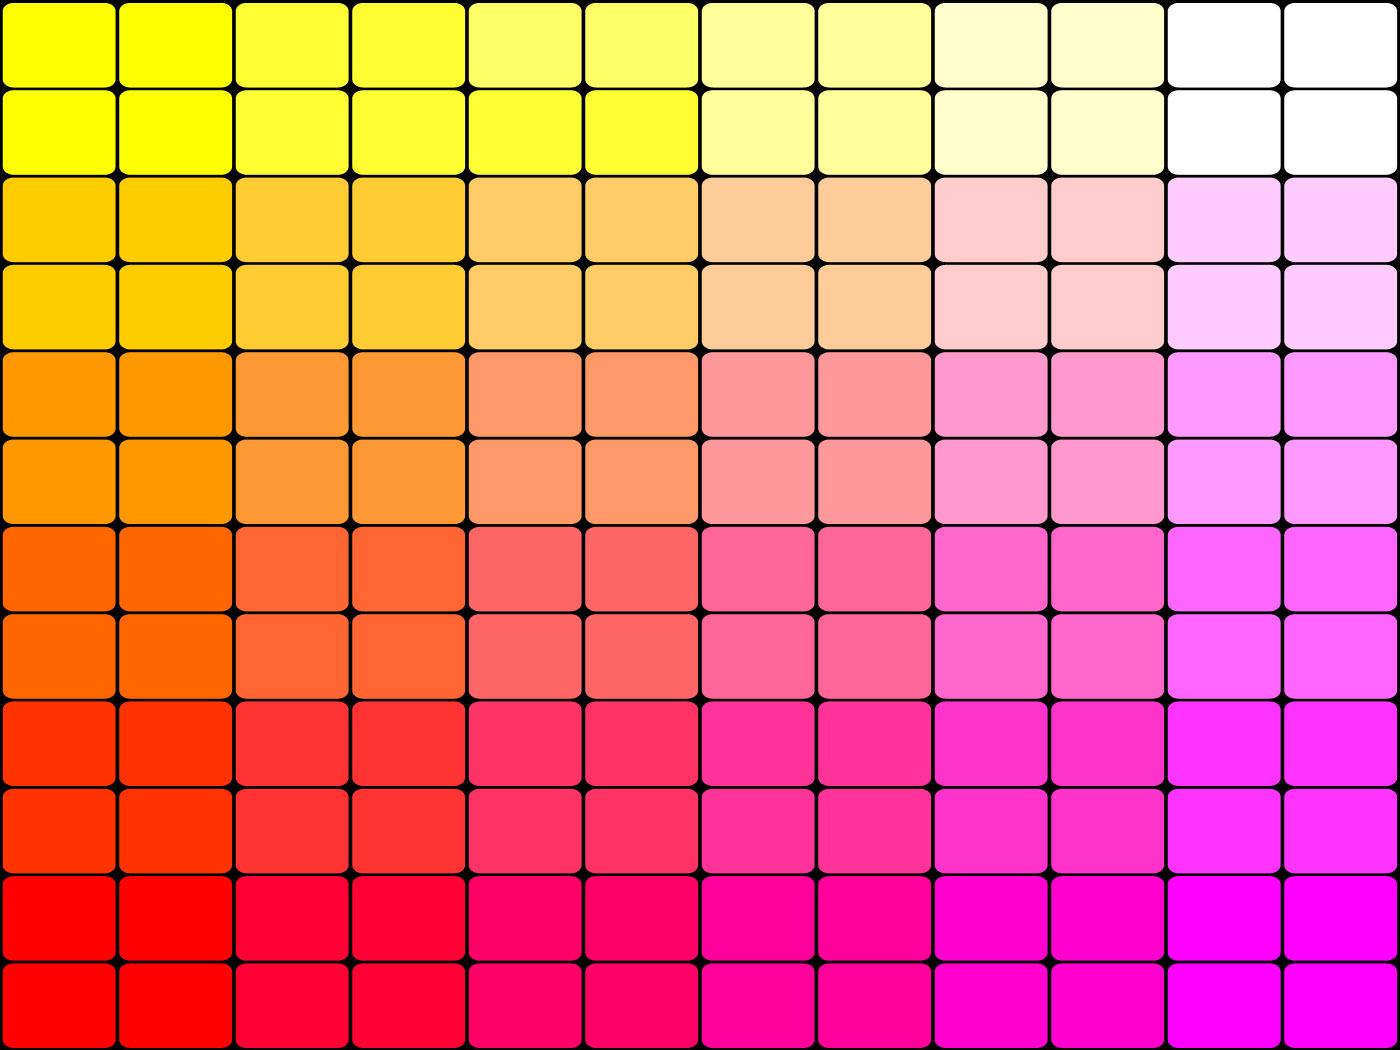 Farbpalette Hintergrundbilder Kostenlos